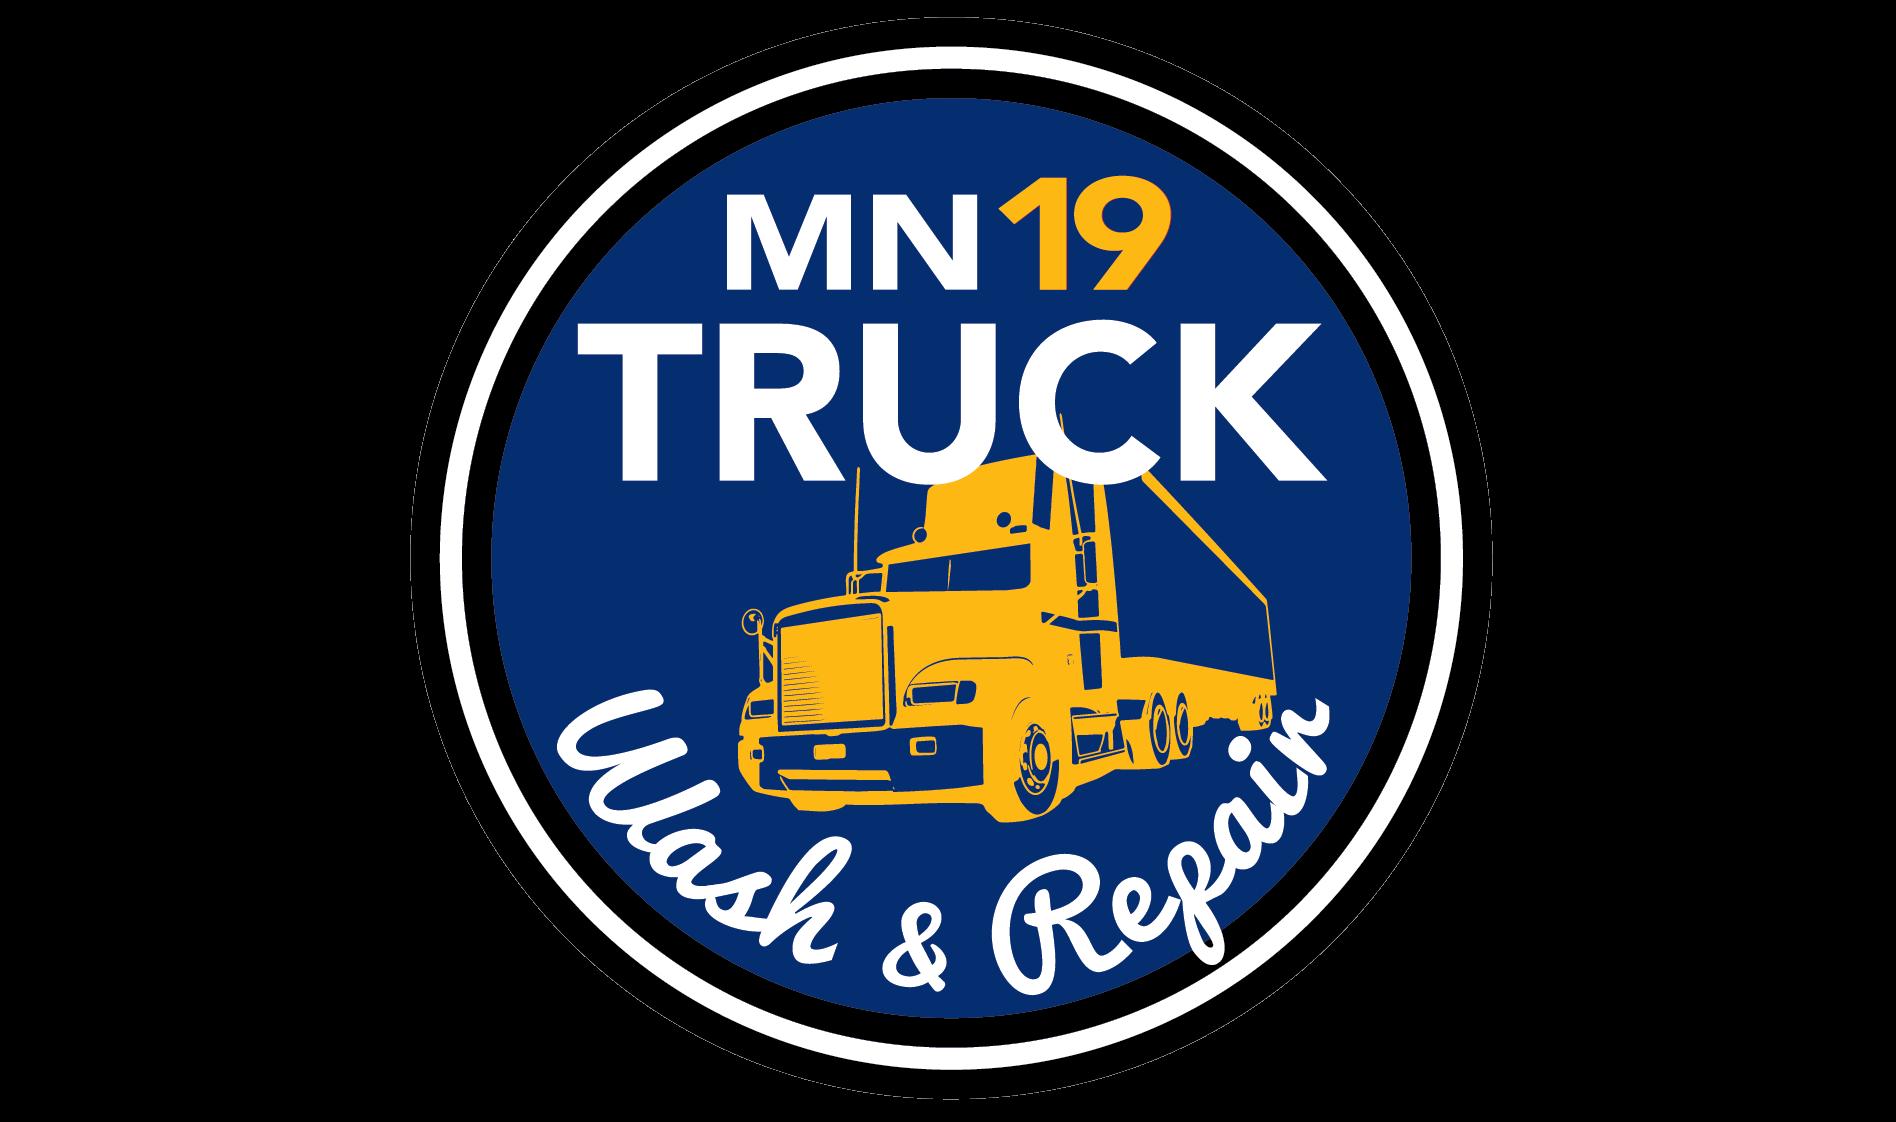 MN 19 Truck Wash & Repair